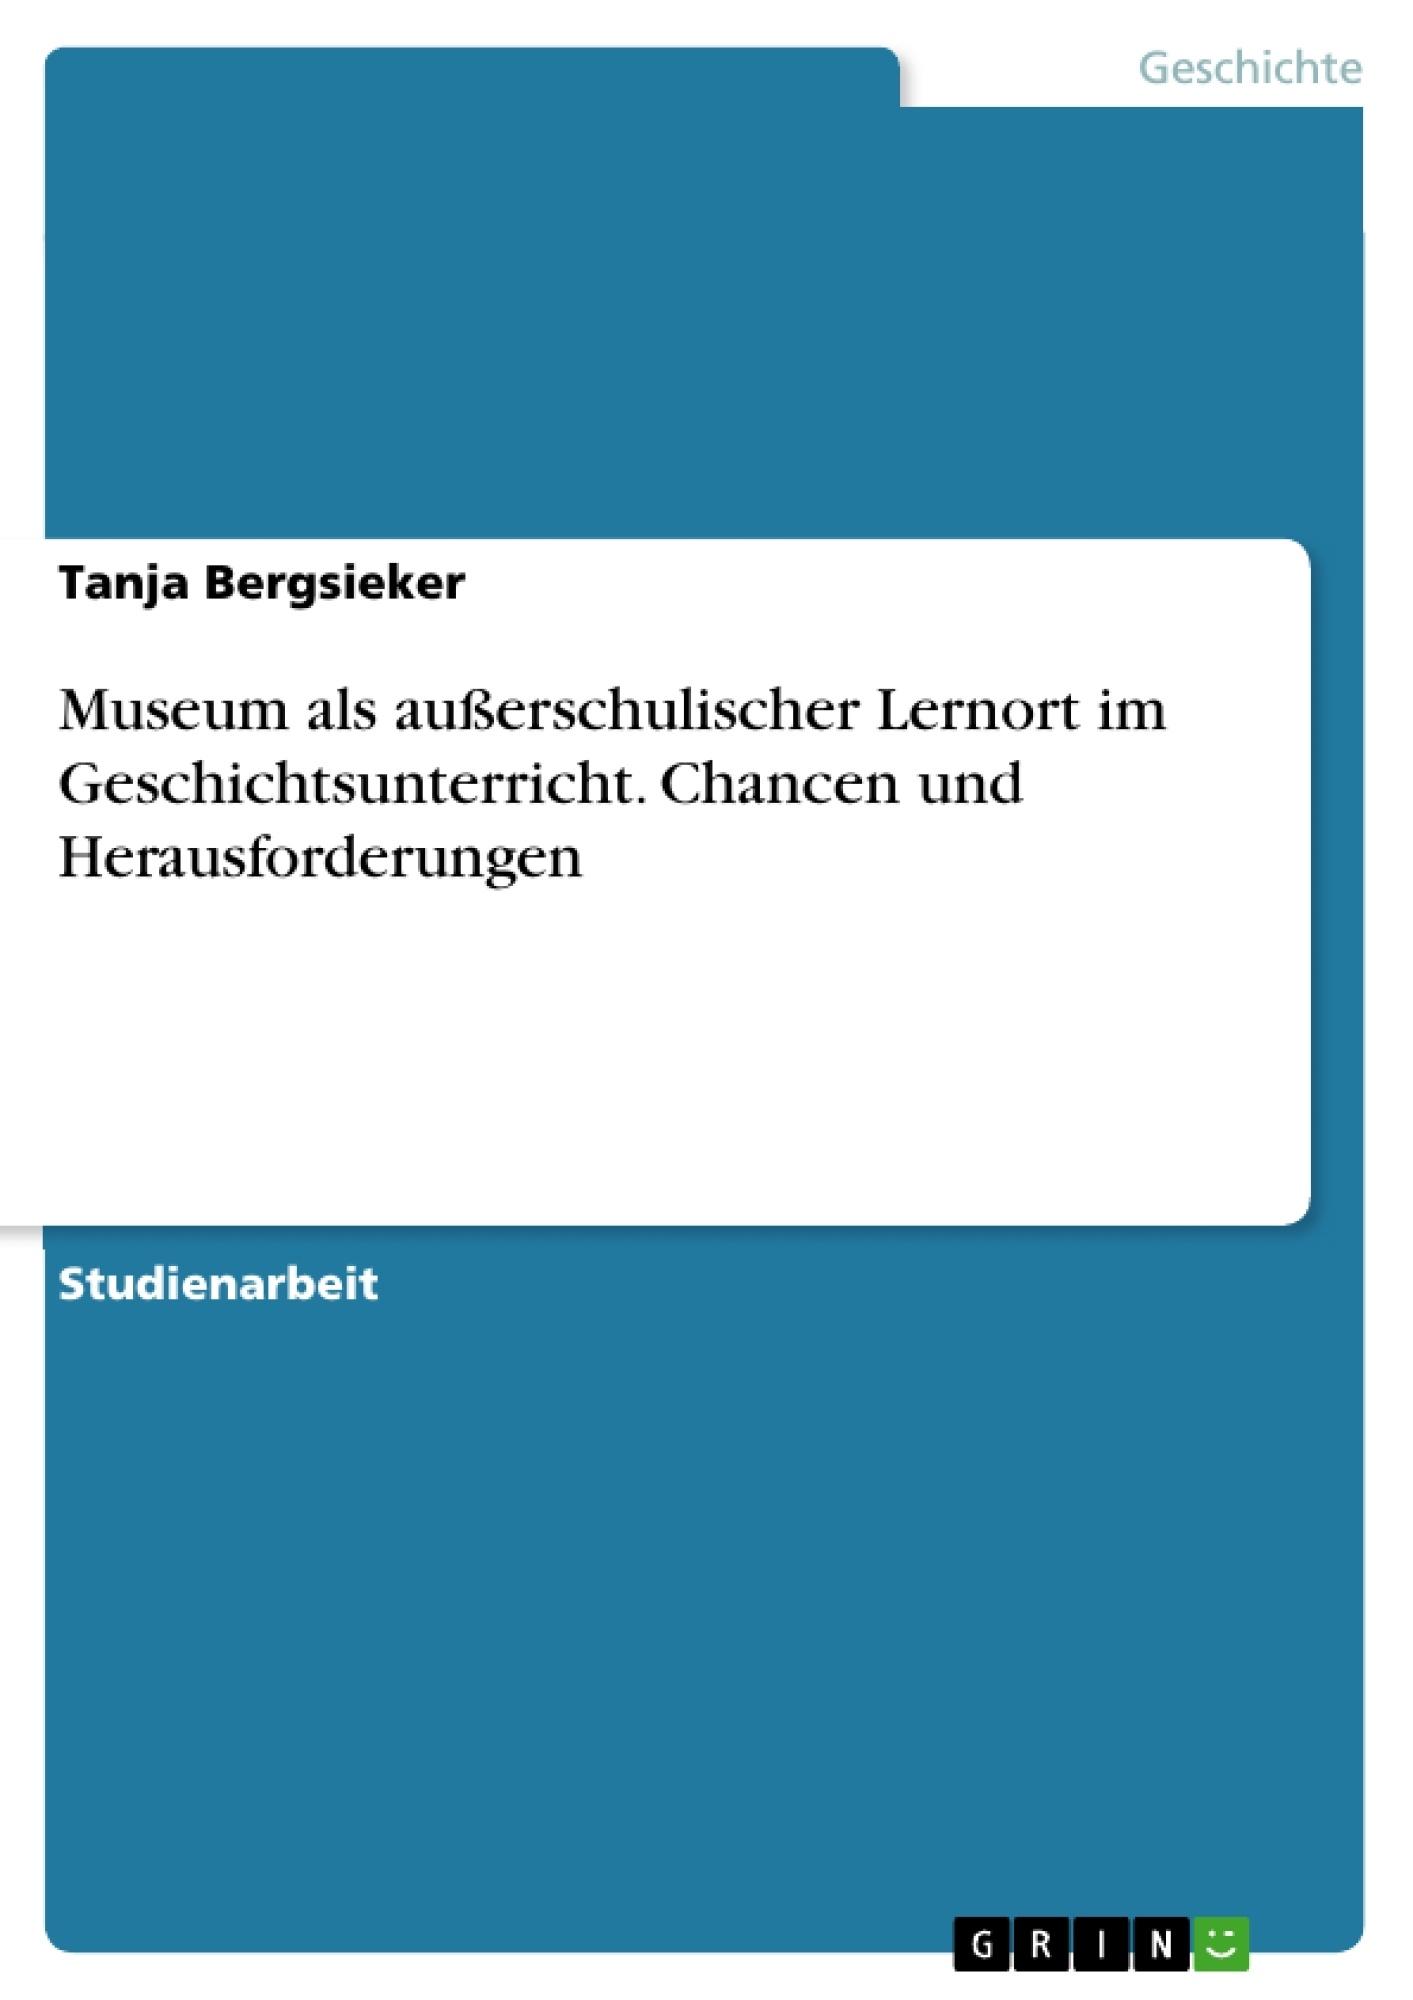 Titel: Museum als außerschulischer Lernort im Geschichtsunterricht. Chancen und Herausforderungen